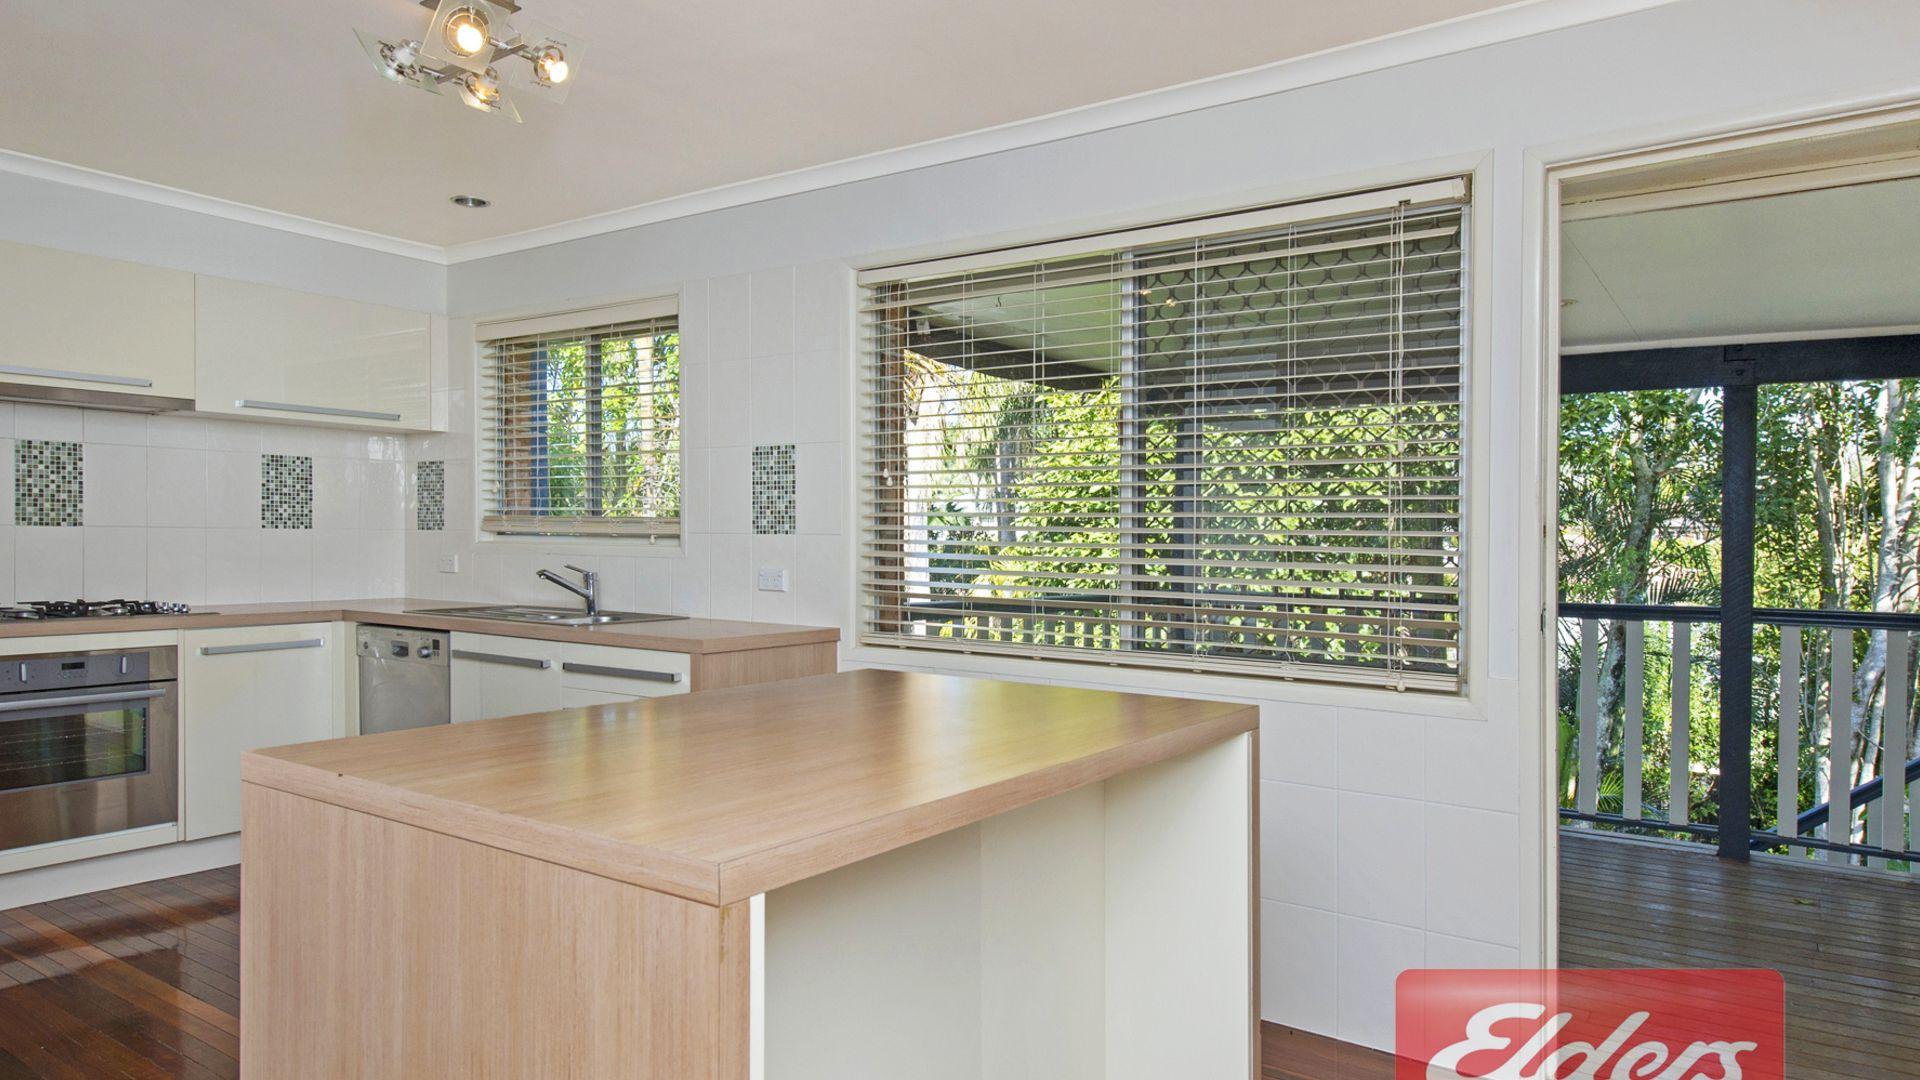 3 Shane Street, Shailer Park QLD 4128, Image 1